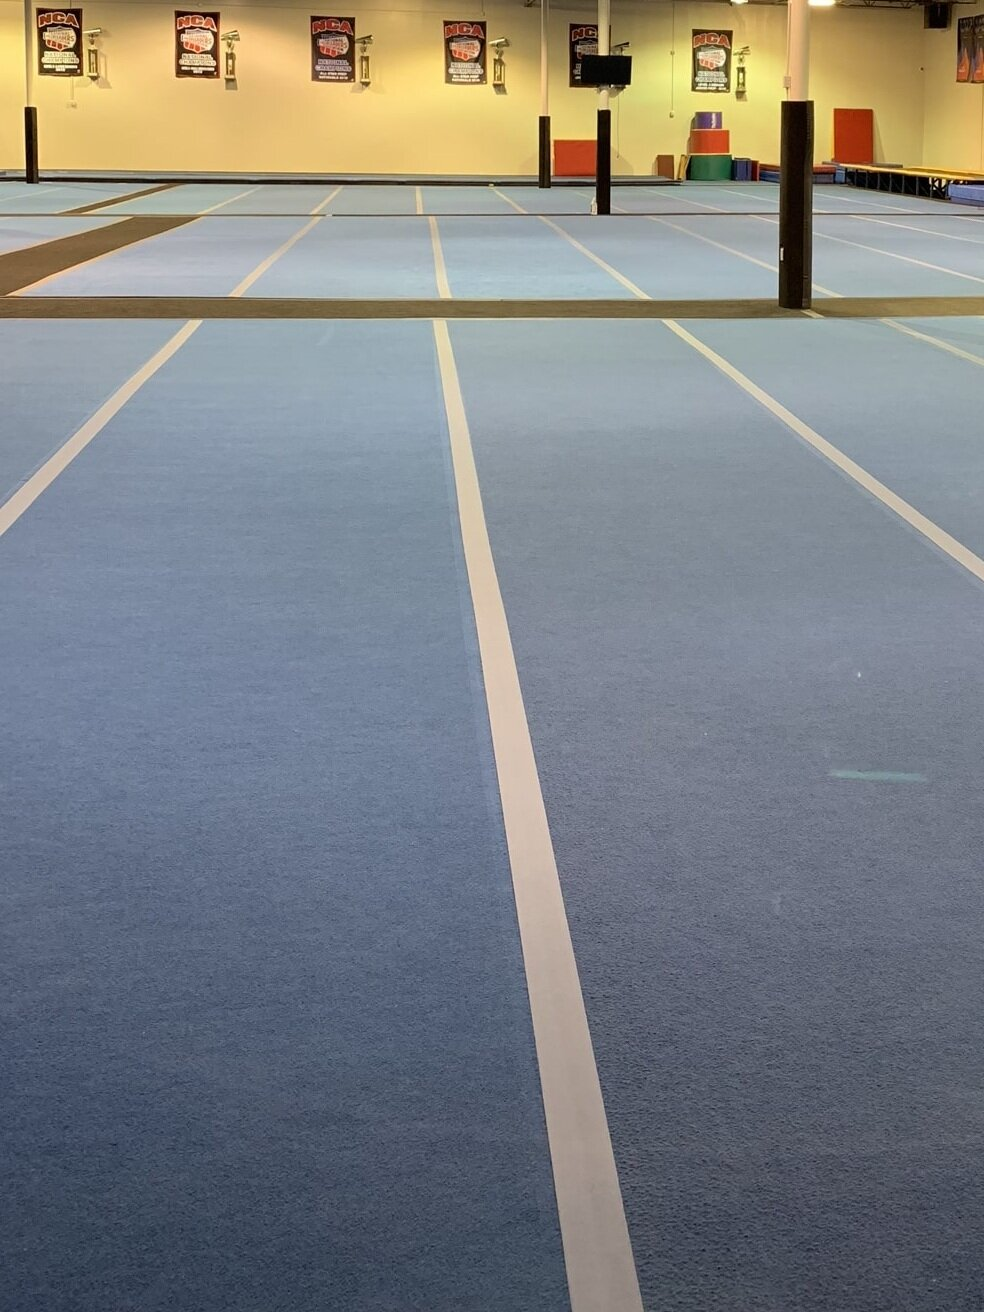 Cheerleading-Spring-floors